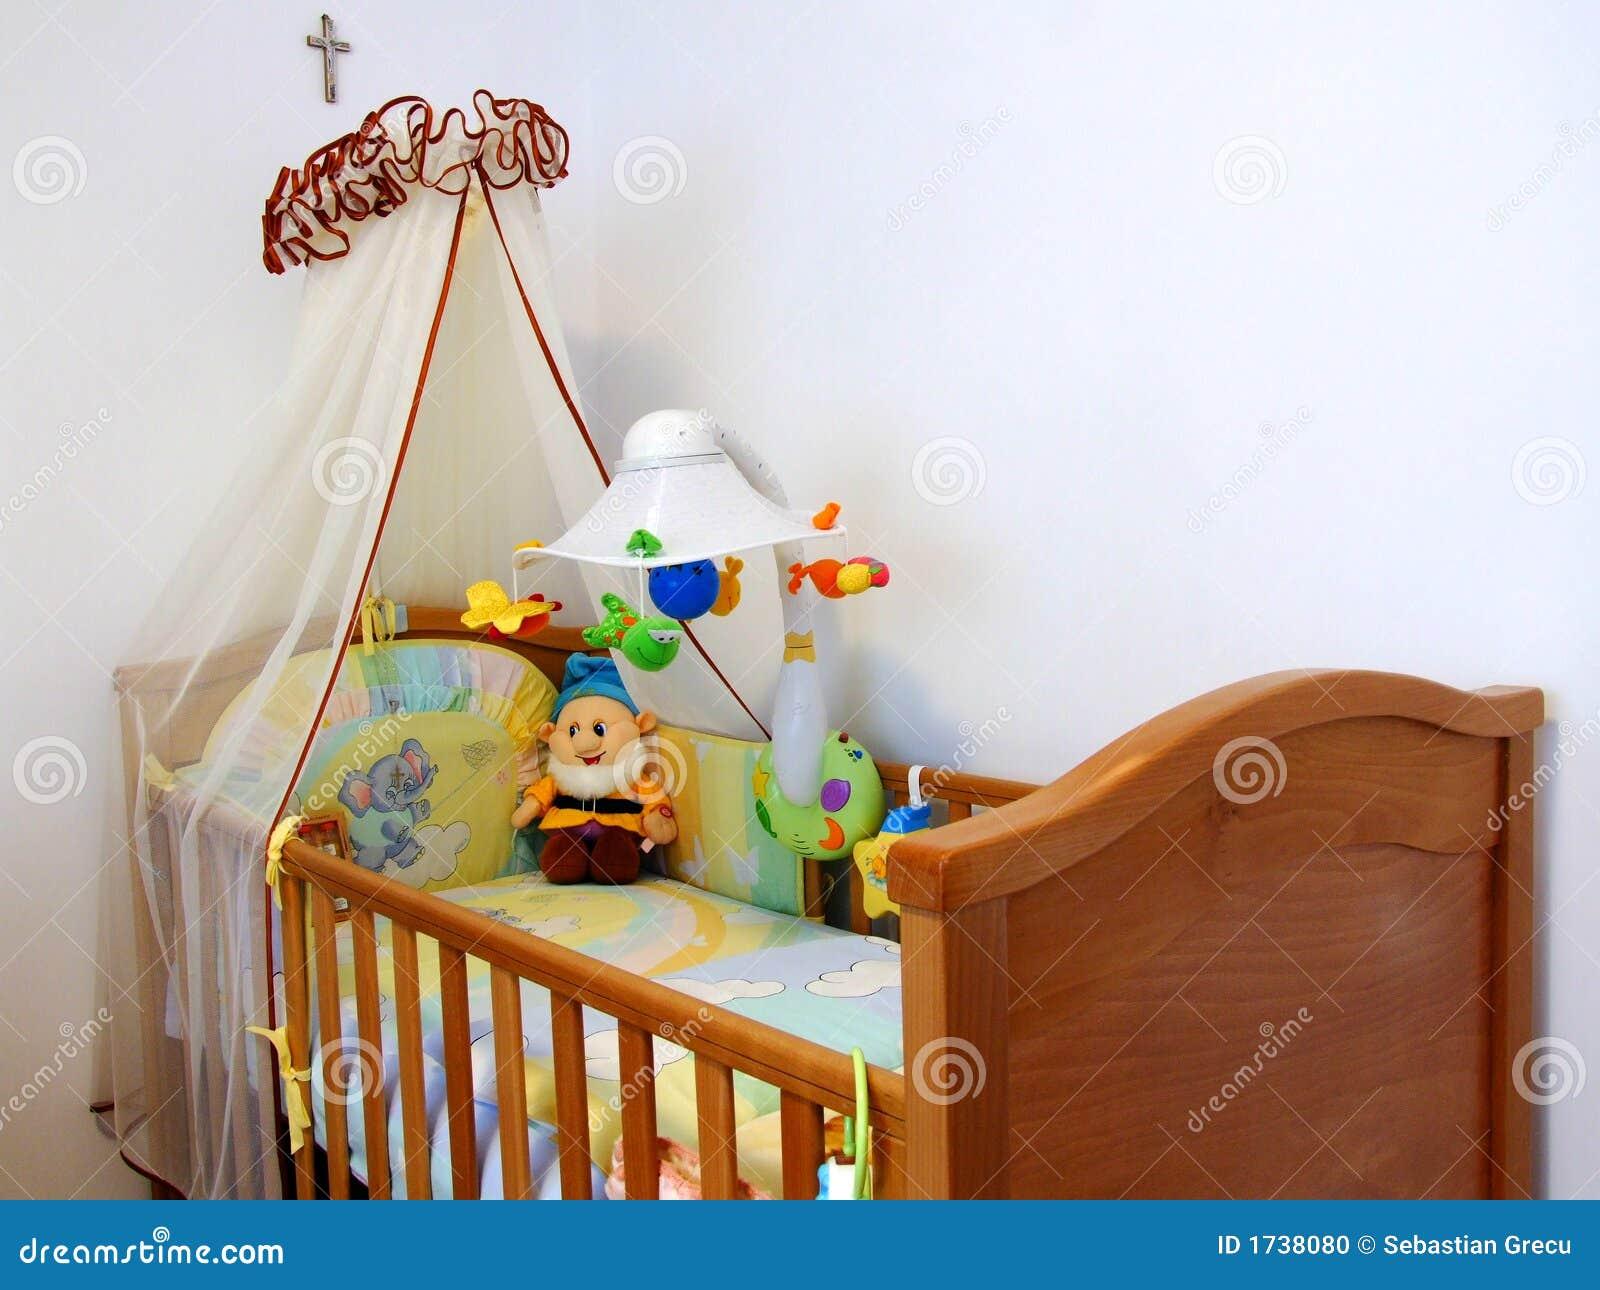 Slaapkamer baby beste inspiratie voor interieur design en meubels idee n - Baby slaapkamer ...